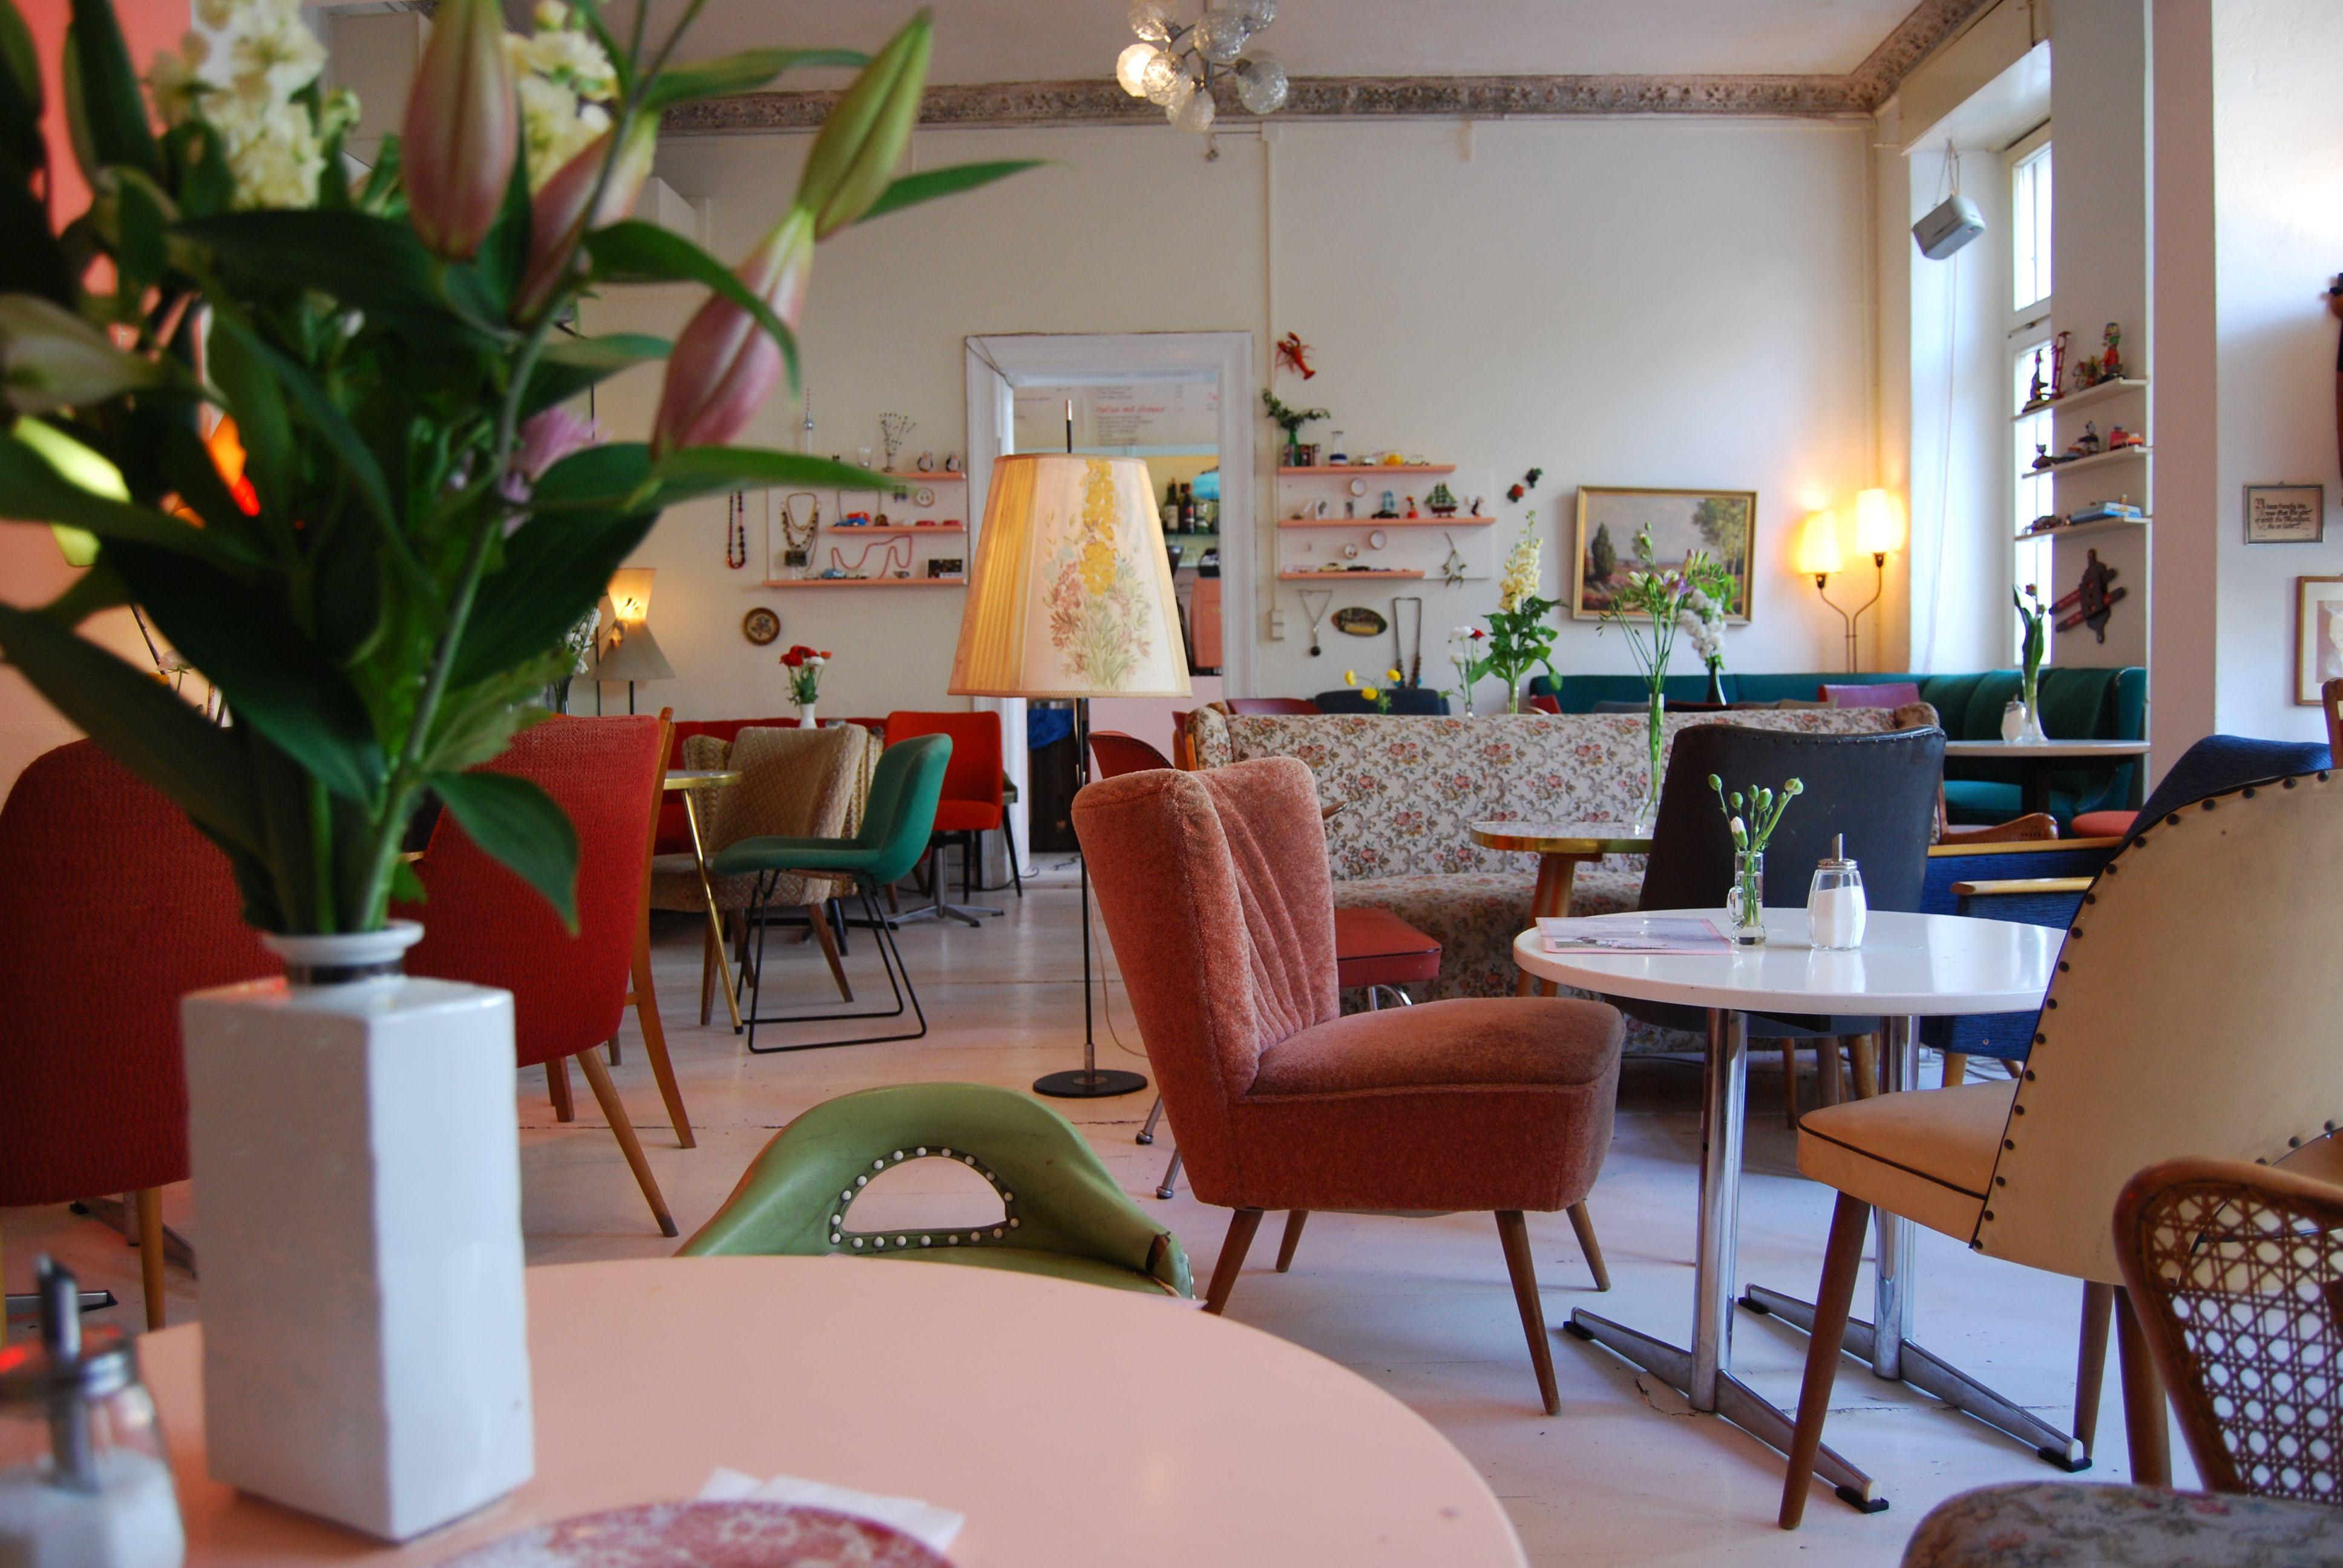 kauf dich gl cklich caf shop berlin exploring. Black Bedroom Furniture Sets. Home Design Ideas